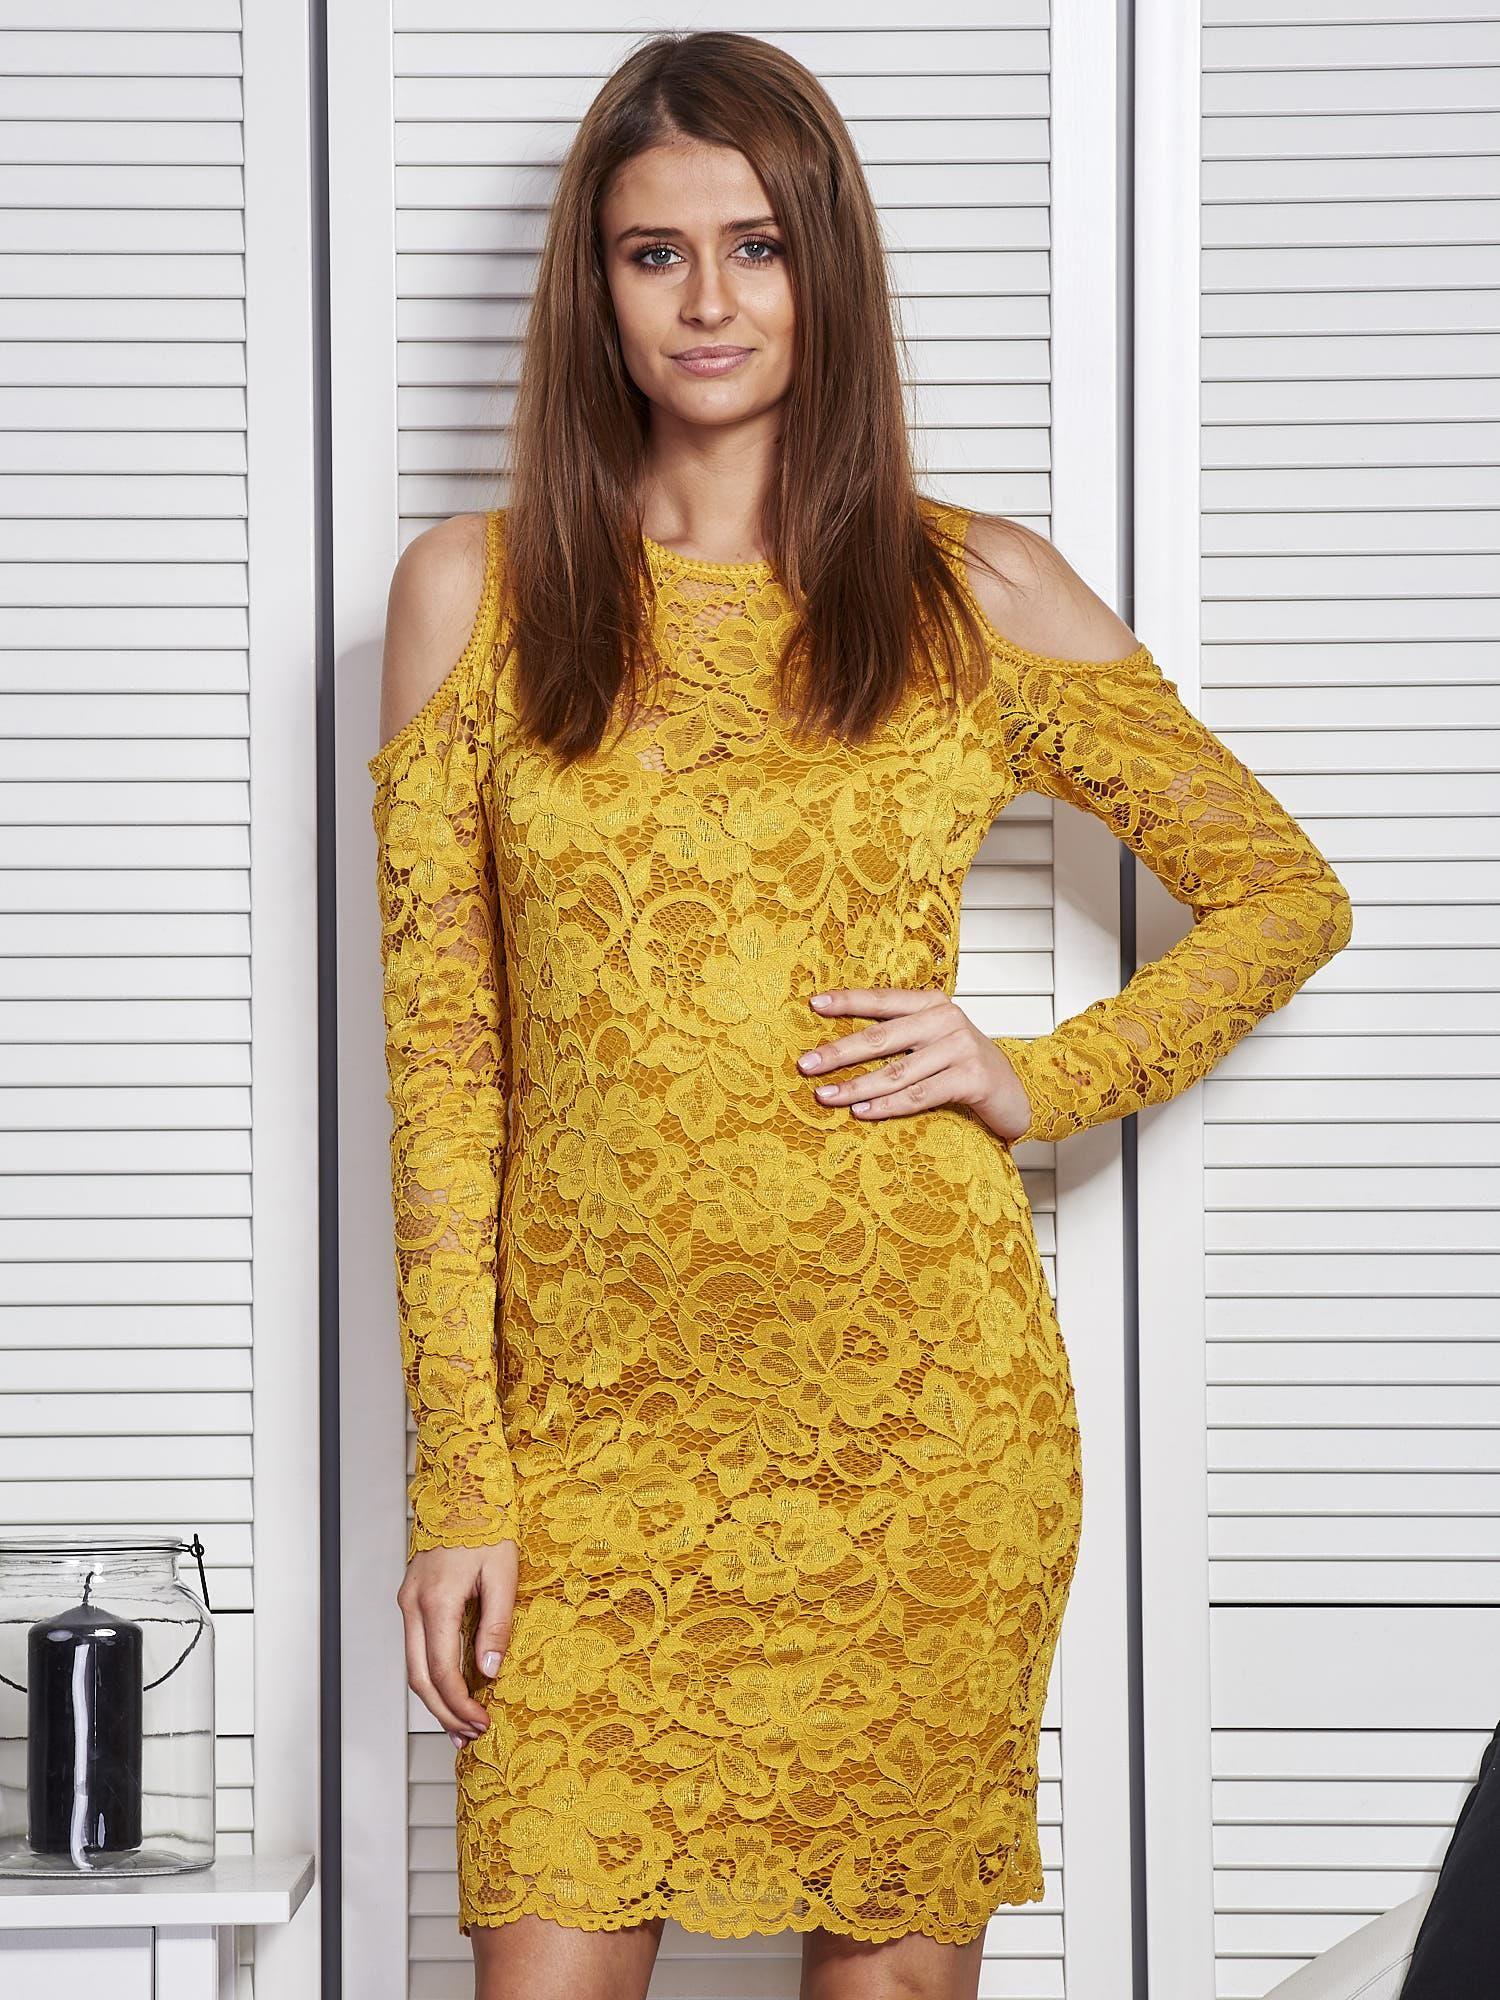 621e923d8 Żółta koronkowa sukienka z odkrytymi ramionami - Sukienka koktajlowa ...